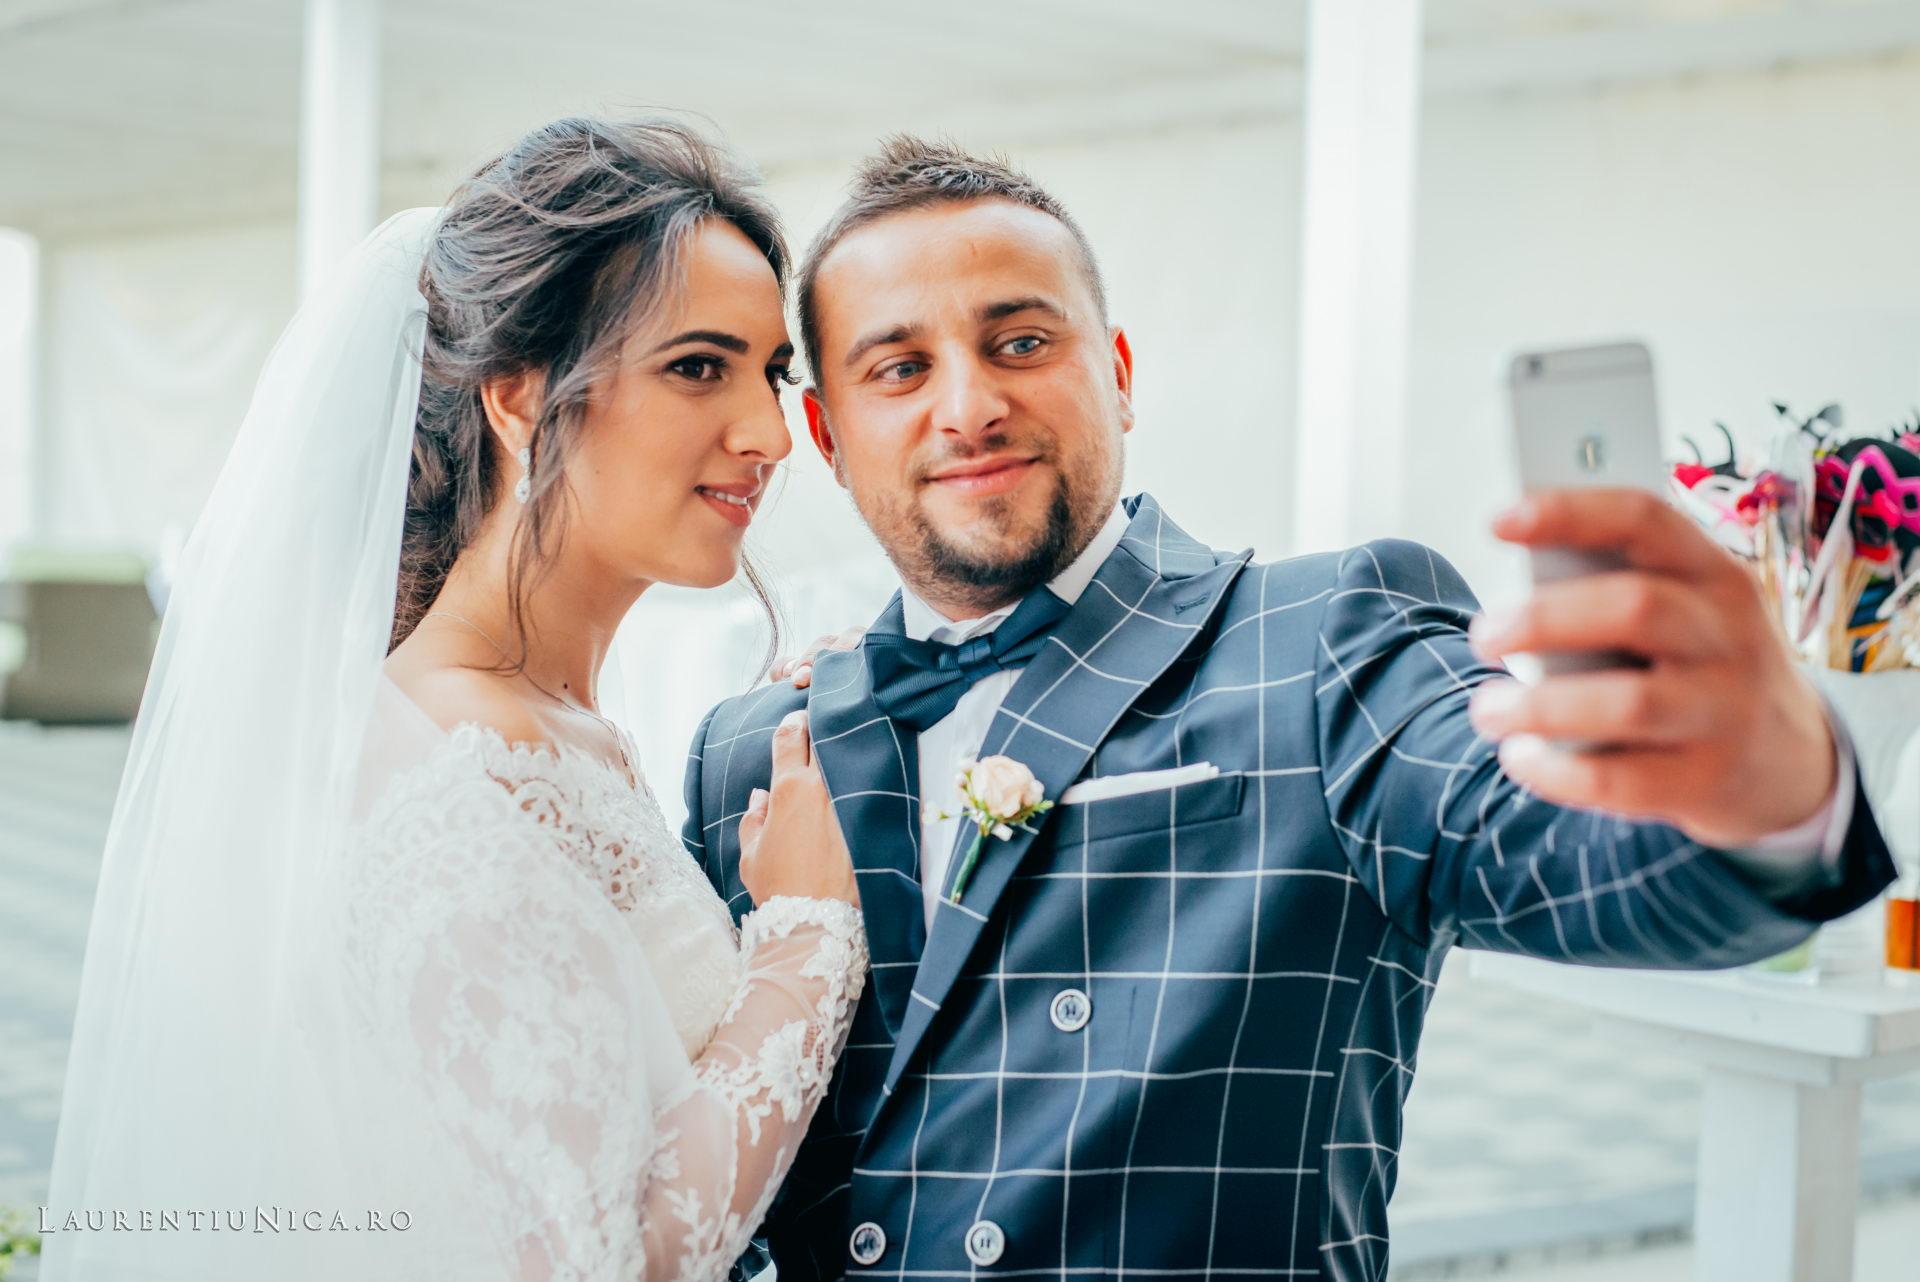 Cristina si Ovidiu nunta Craiova fotograf laurentiu nica 113 - Cristina & Ovidiu | Fotografii nunta | Craiova